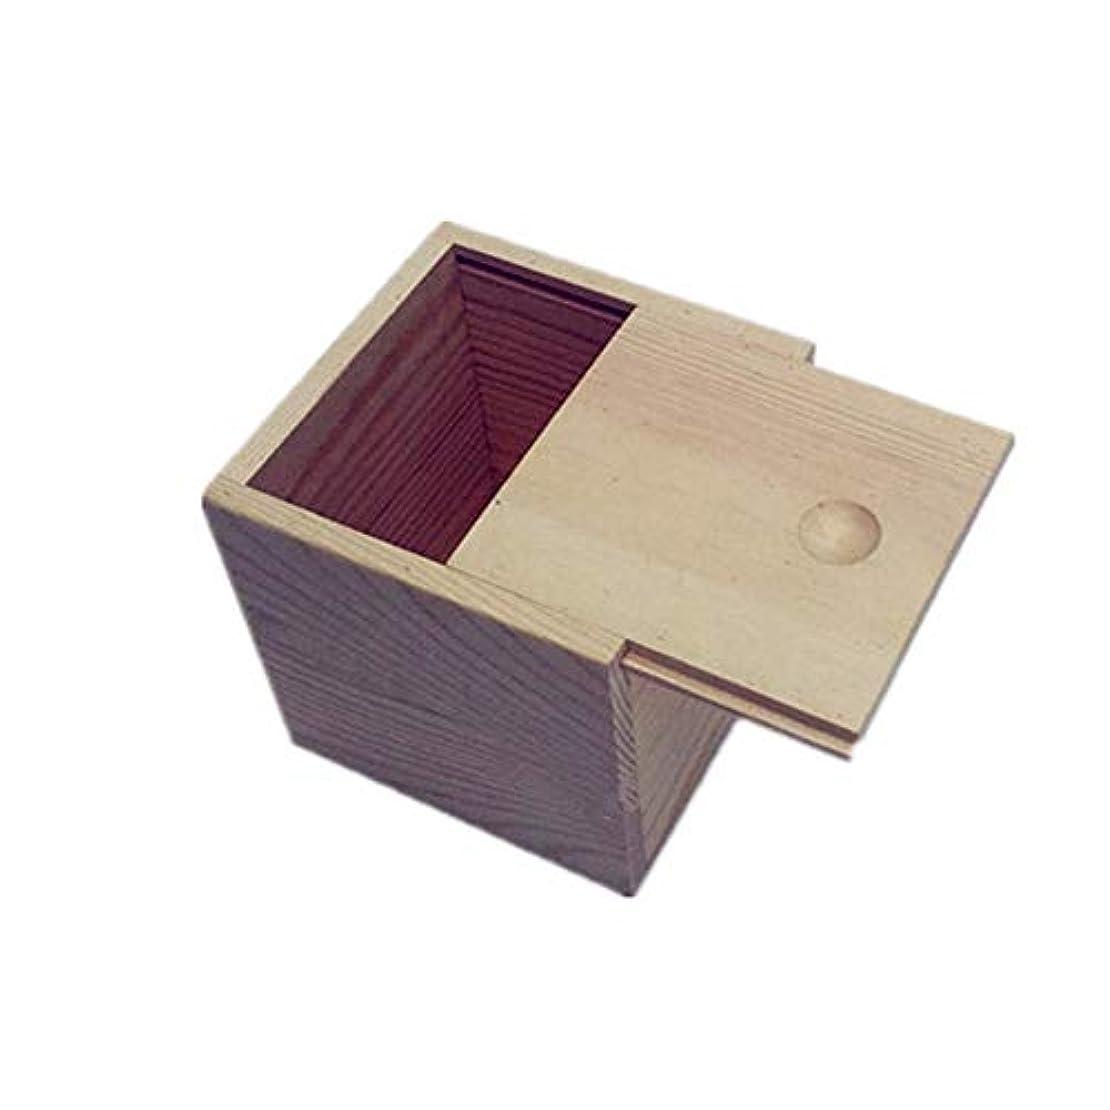 シールフェンス猫背エッセンシャルオイル収納ボックス 木製のエッセンシャルオイルストレージボックス安全なスペースセーバー9x9x5cmあなたの油を維持するためのベスト (色 : Natural, サイズ : 9X9X5CM)